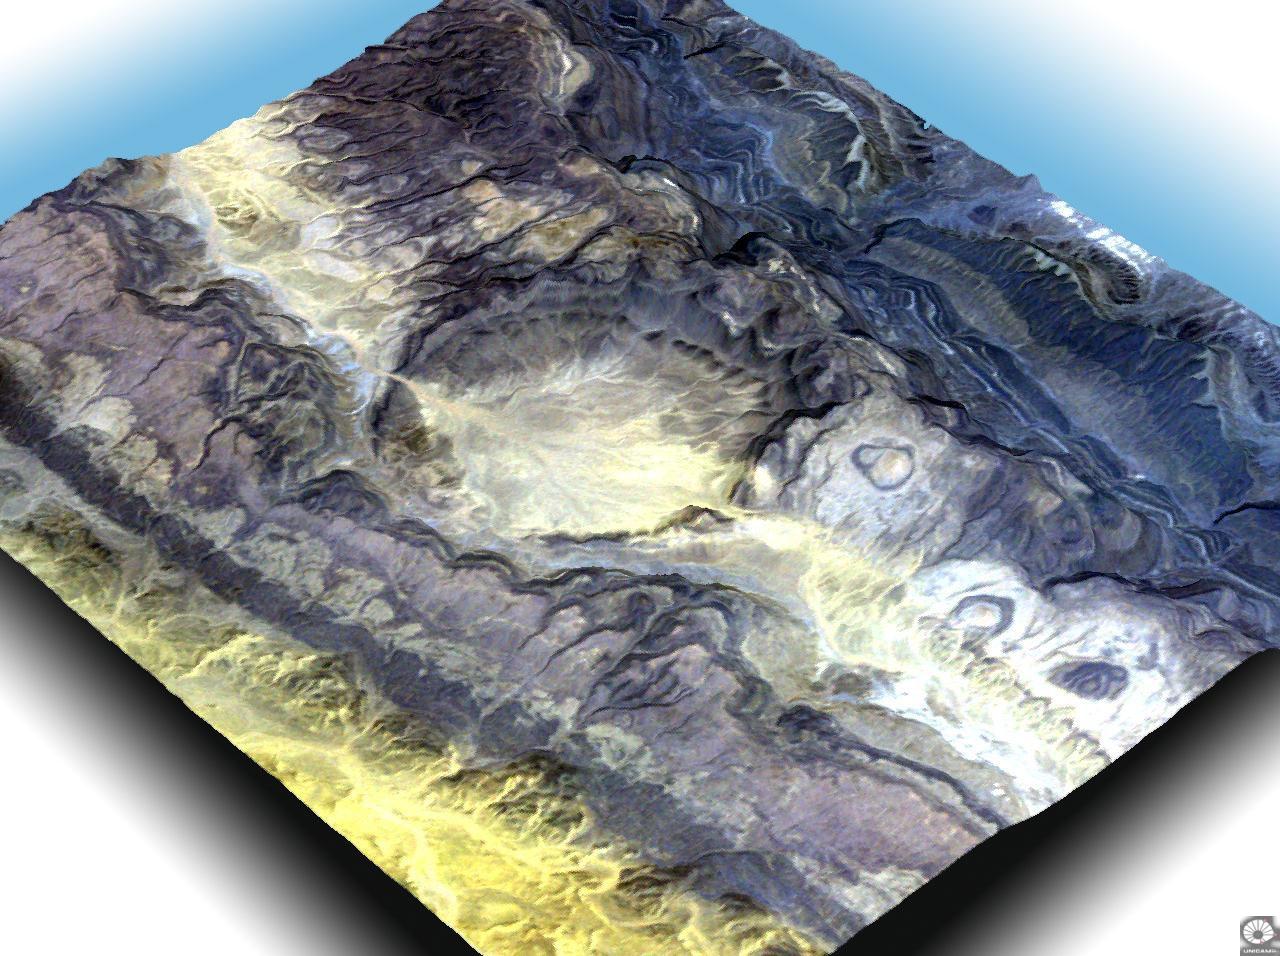 Кратер Оваркзиз на заході Алжиру утворився в результаті вибуху метеорита 65 мілн. років тому